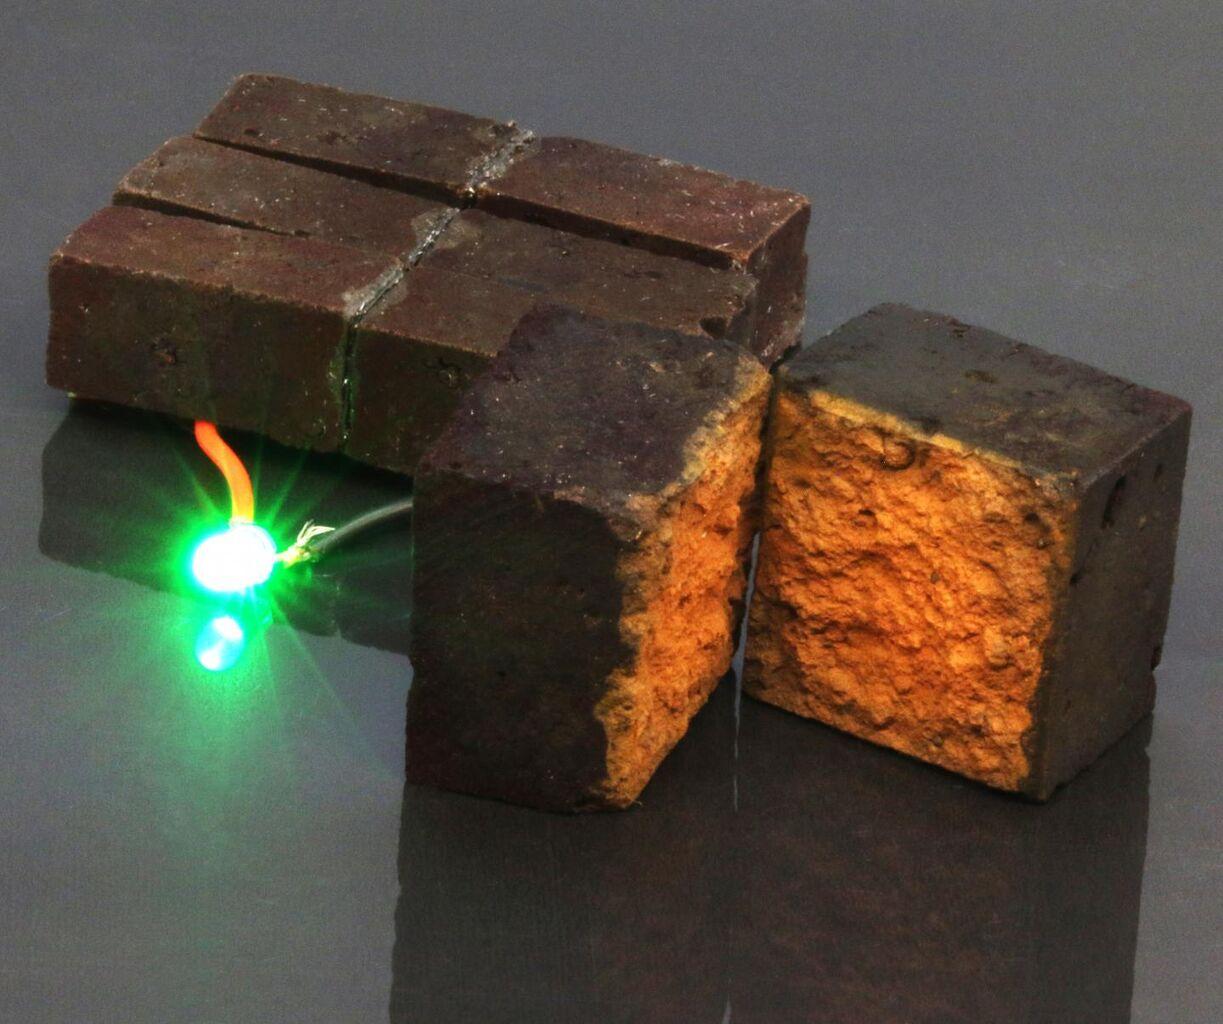 赤レンガがバッテリーに!赤茶けた色を最新導電素材に転換する技術(米研究)